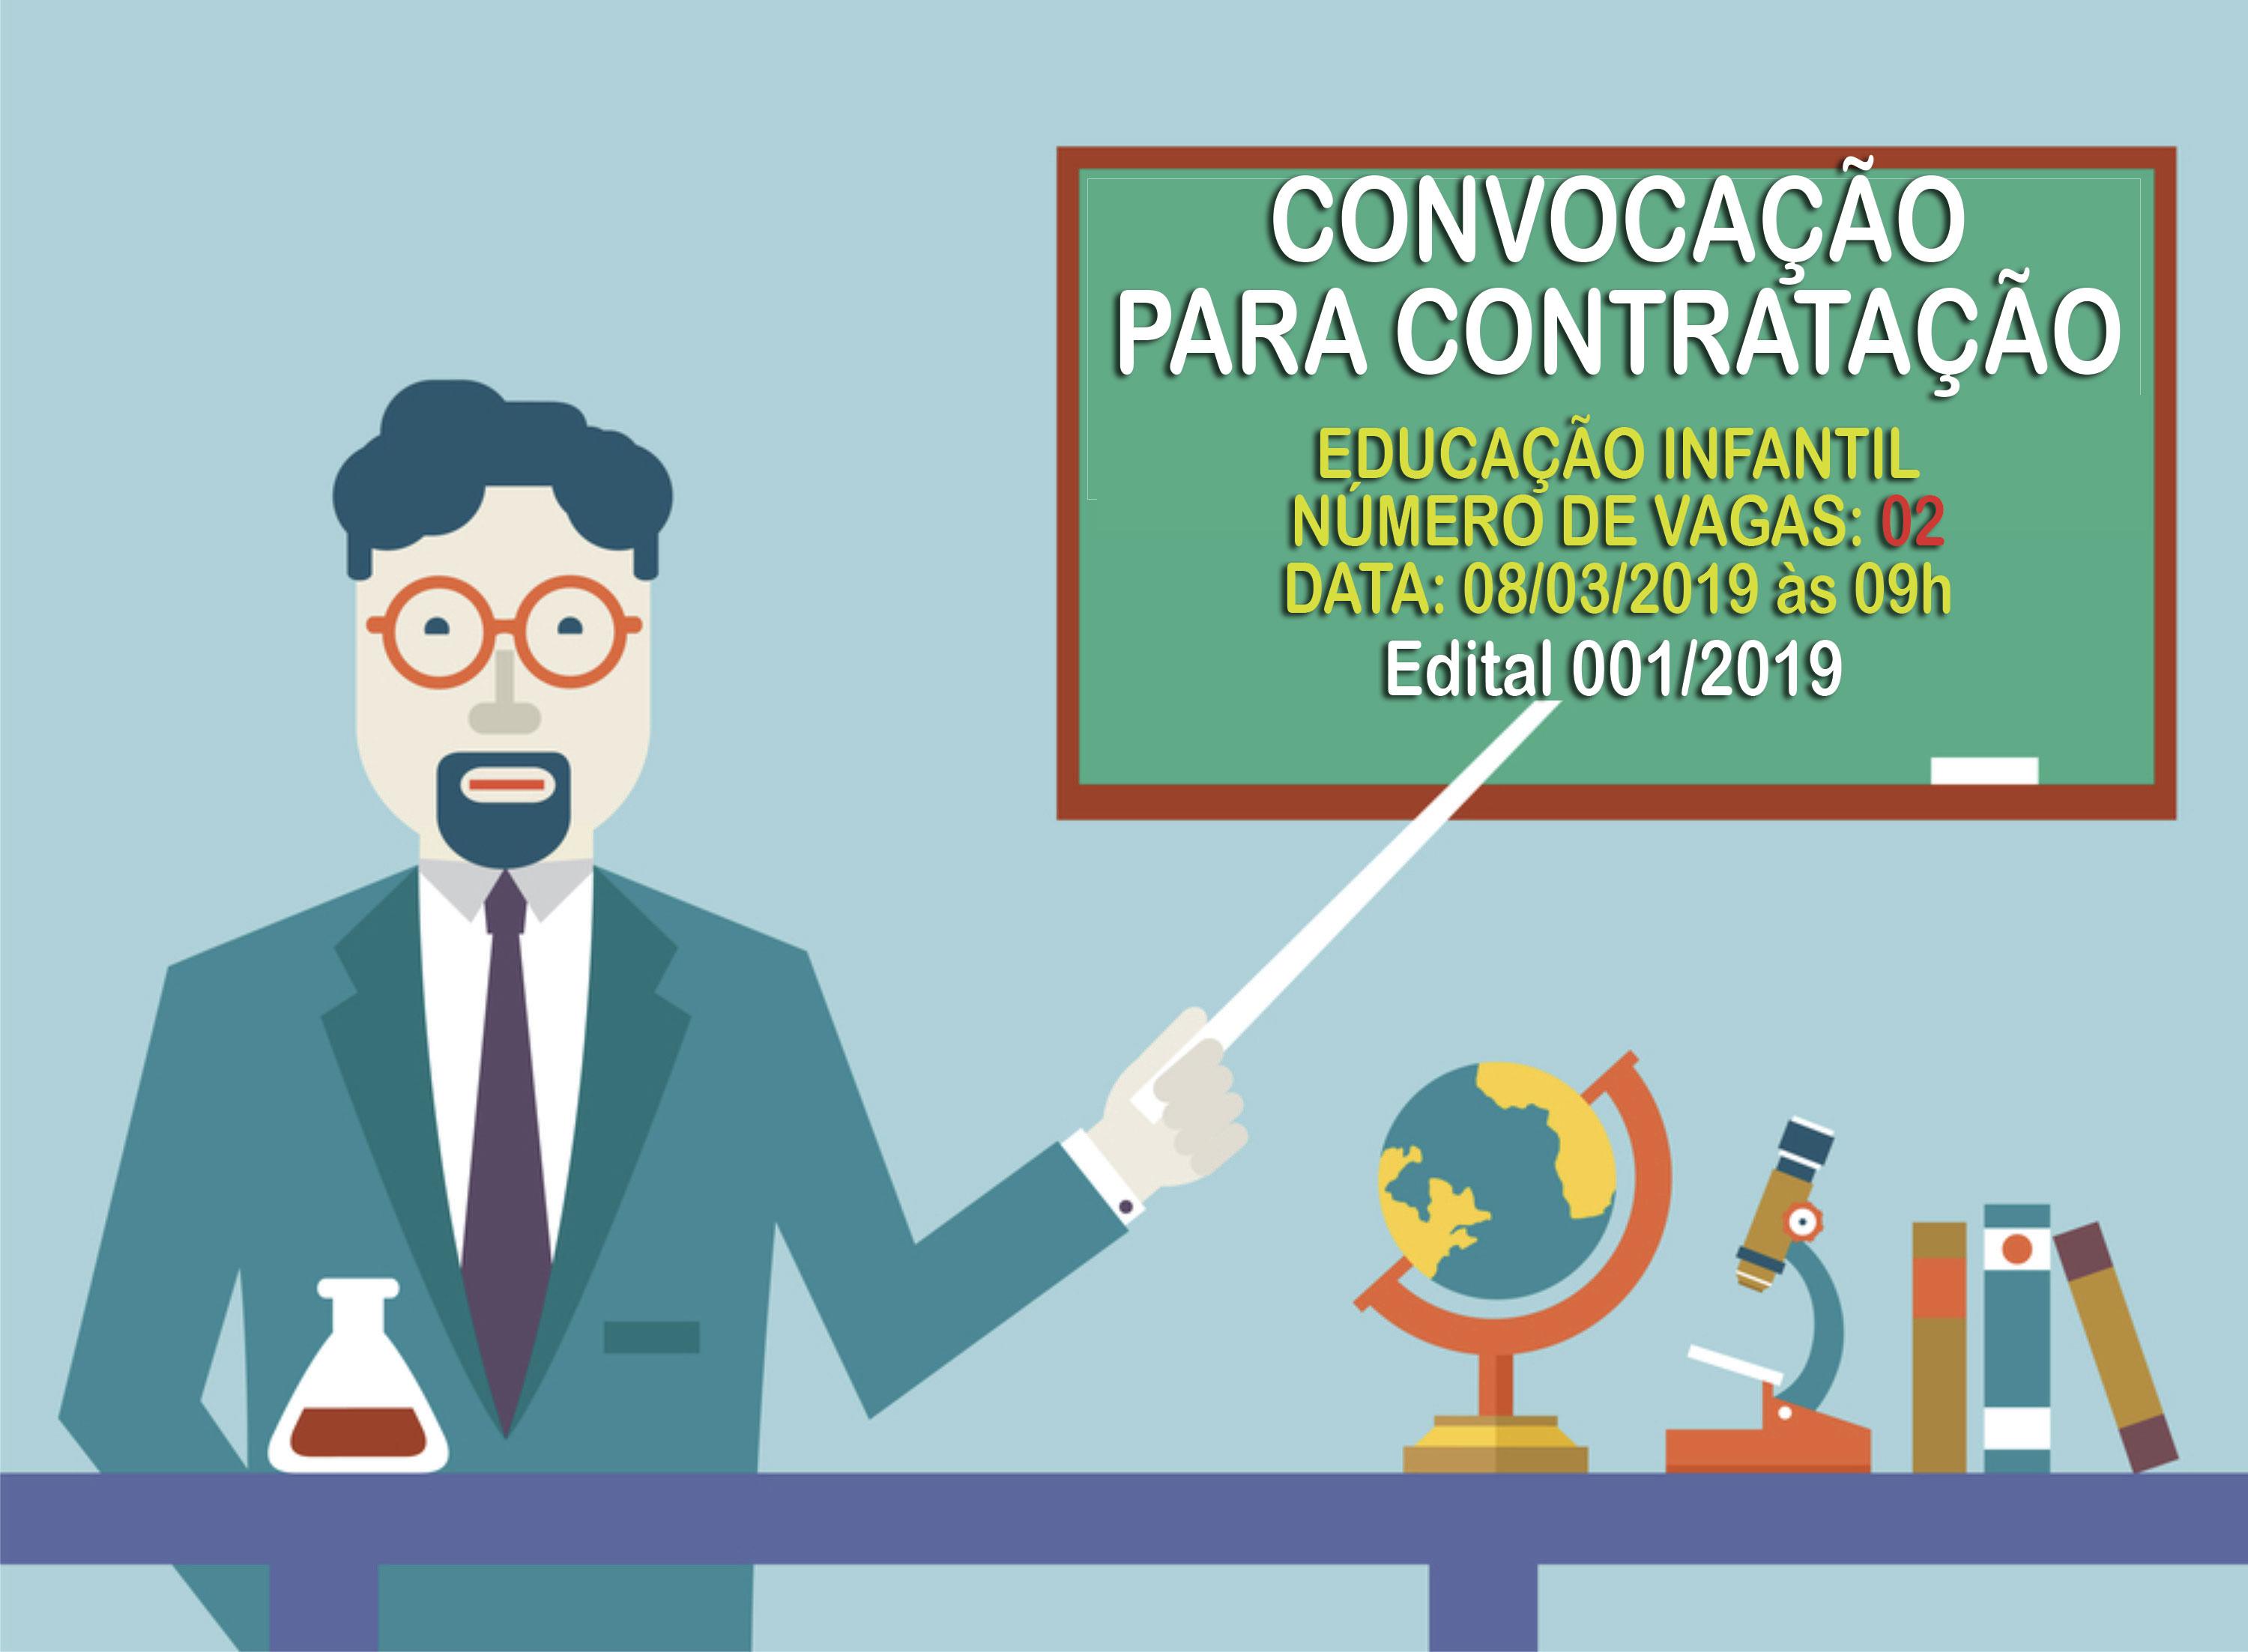 Convocação para Contratação - Educação Infantil